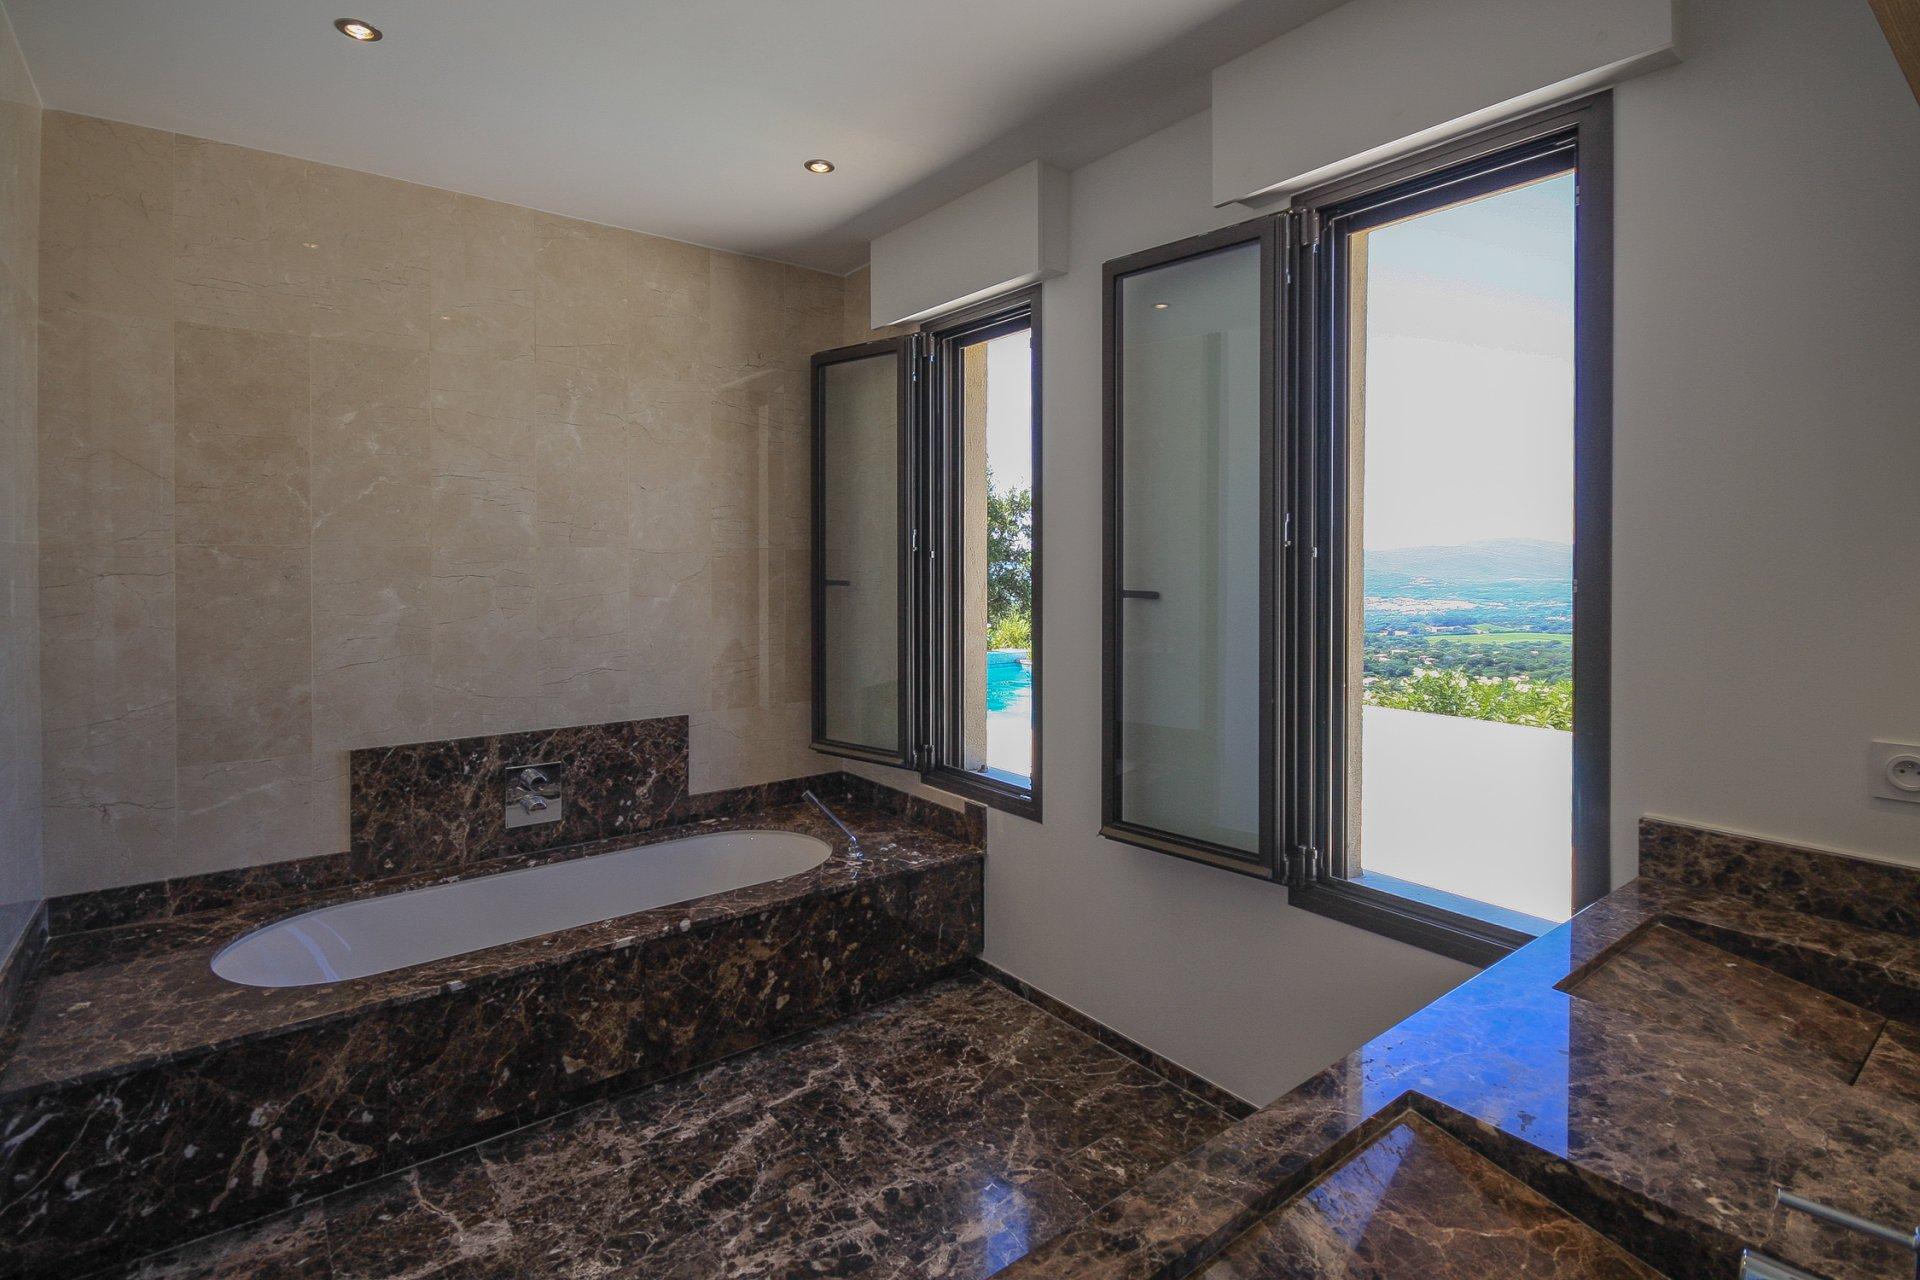 Magnifique propriété composée de 2 villas contemporaines à Beauvallon